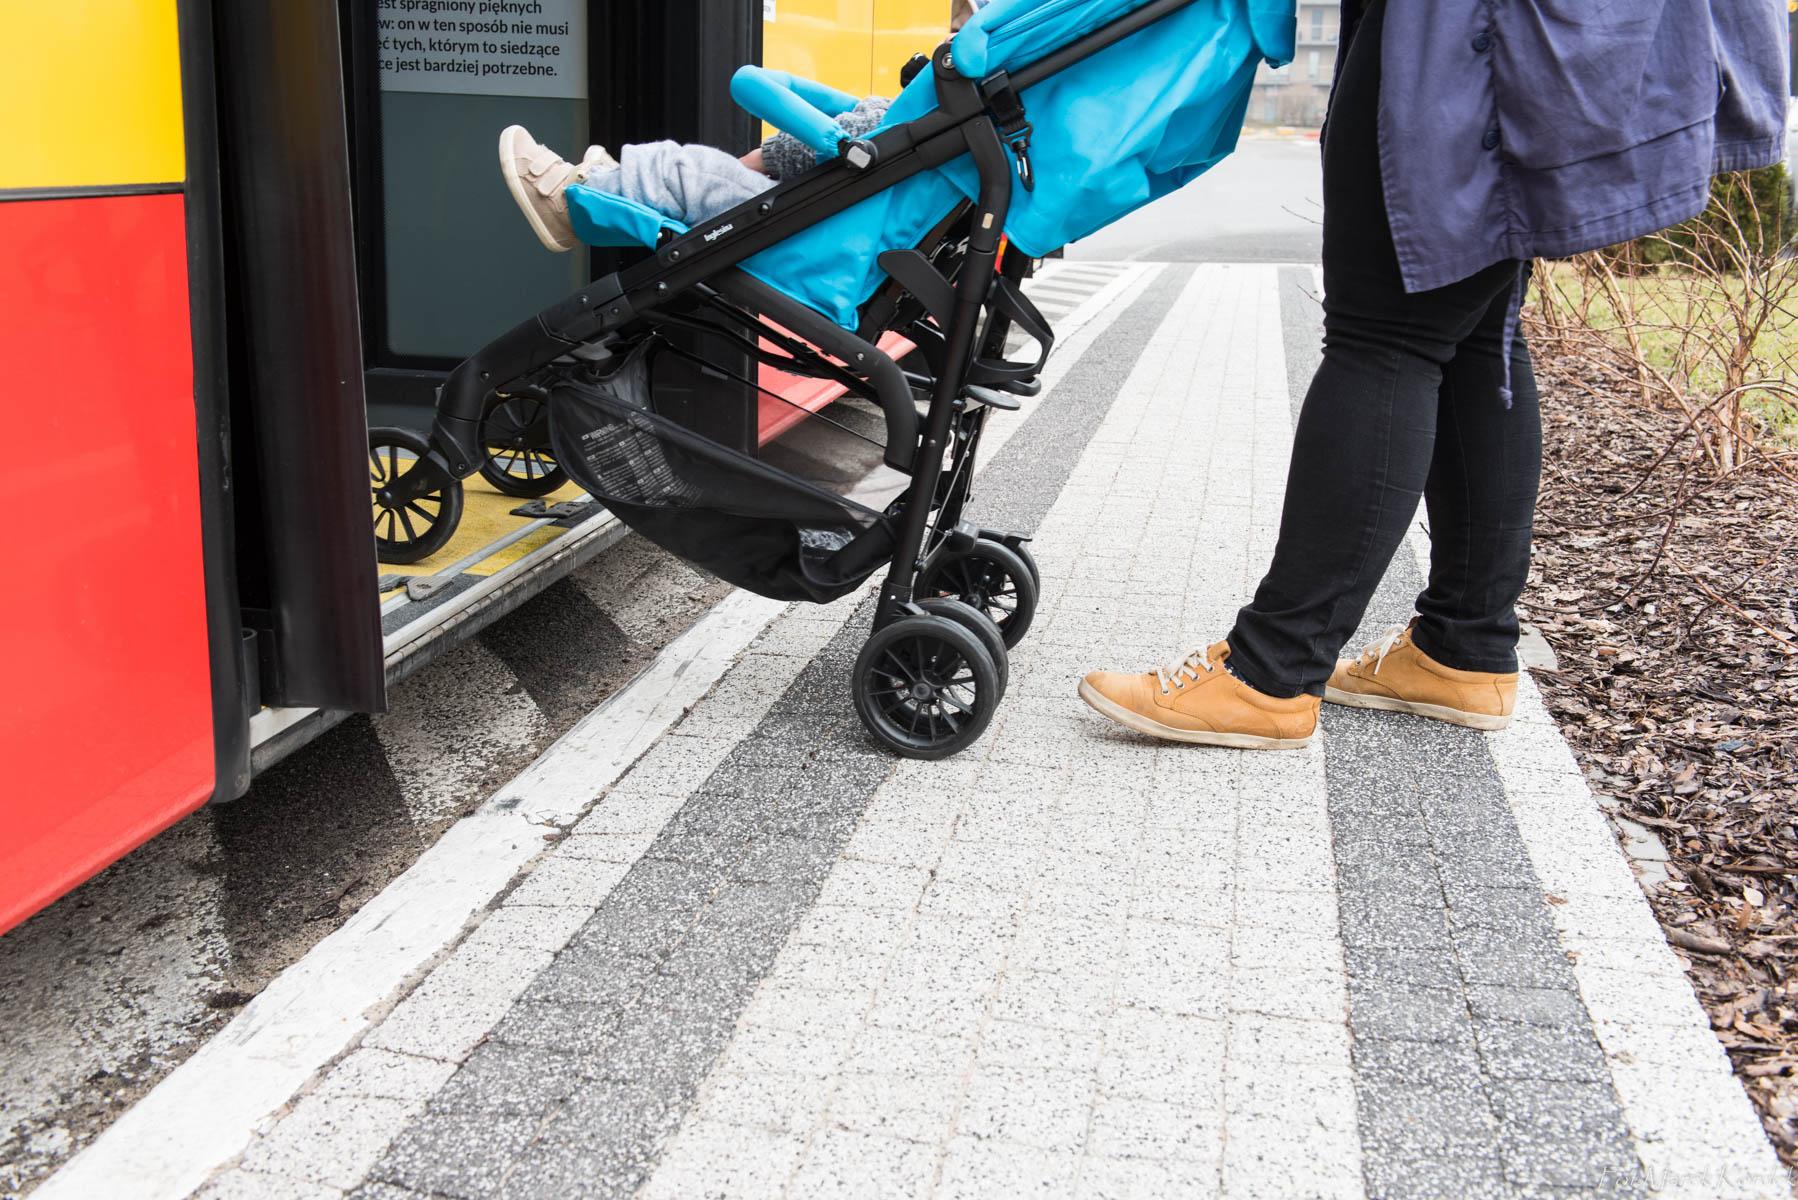 jak bezpiecznie przewozić wózek w autobusie prawidłowe wyjście